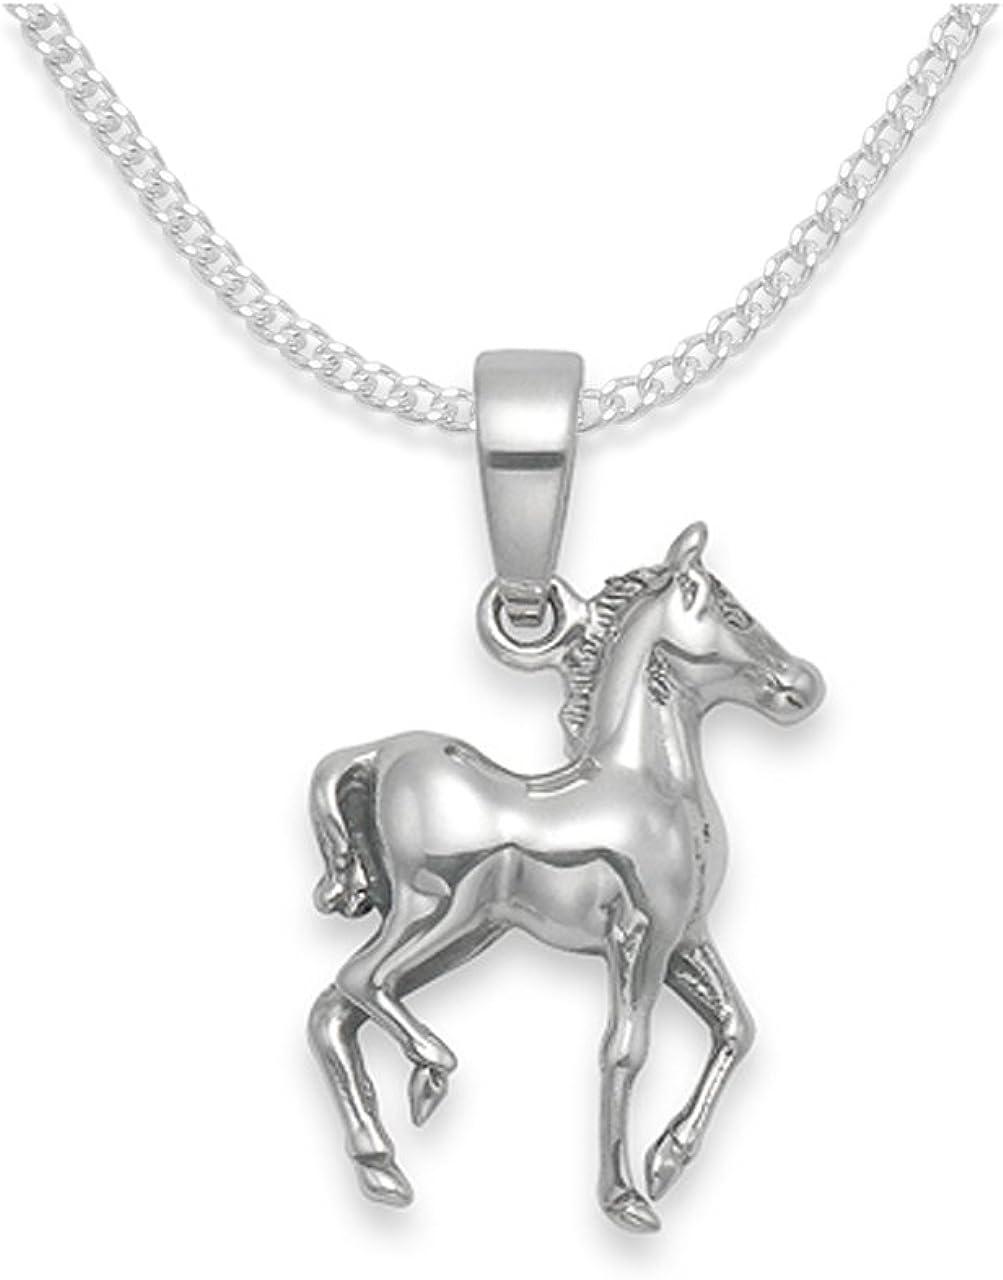 925 de plata de ley Collar con colgante en forma de caballo a presión para niños 38,1 cm - Exclusive de corazones de cadena de caja de regalo y tarjeta de regalo para that special Present.